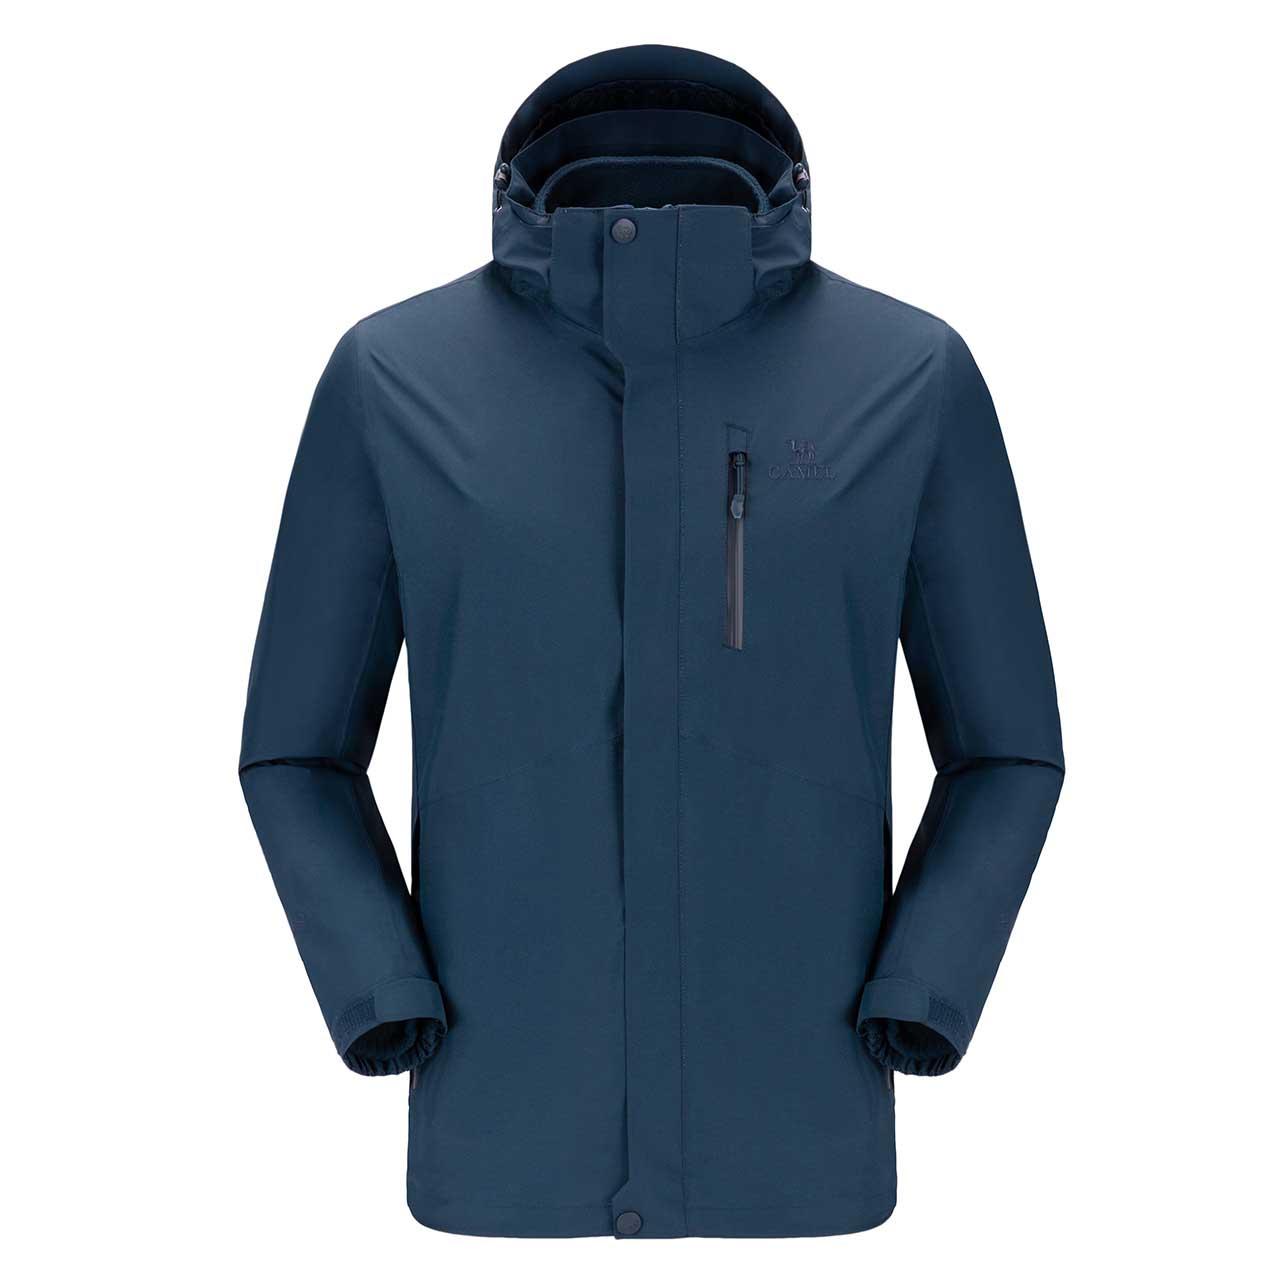 骆驼户外冲锋衣男女登山服装加绒加厚两件套三合一可拆卸潮牌外套a9w280103